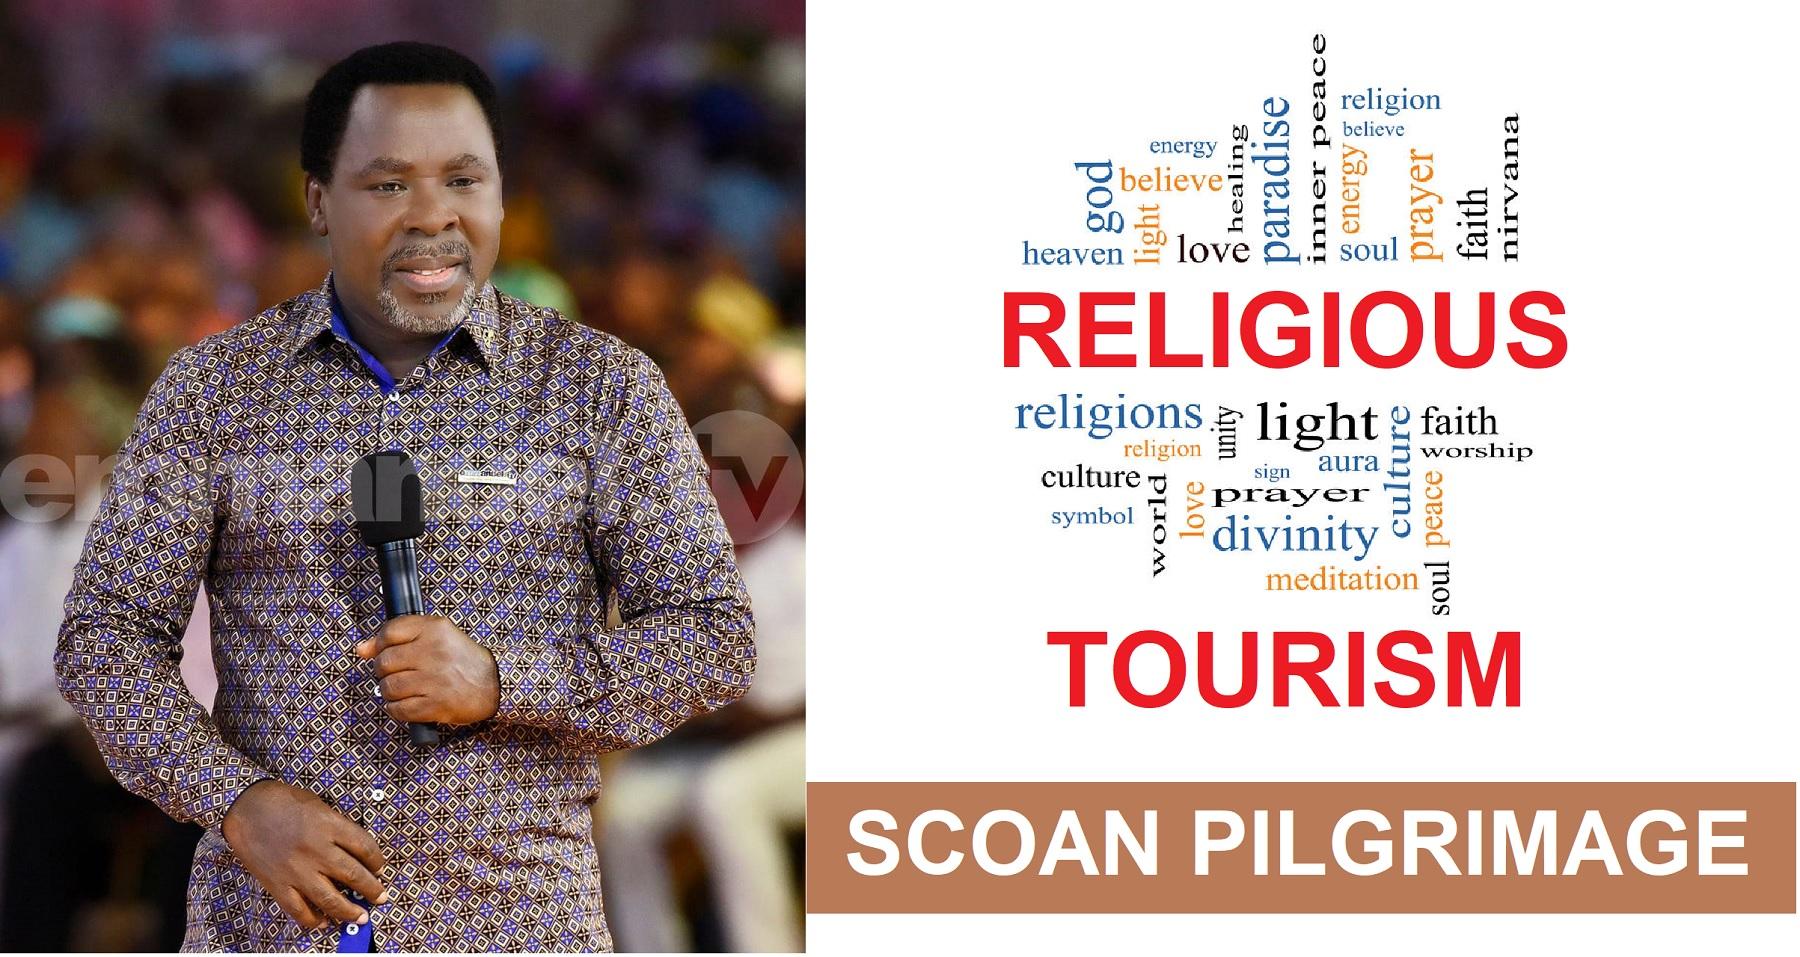 Tb Joshua - Religious Pilgrimage At Scoan